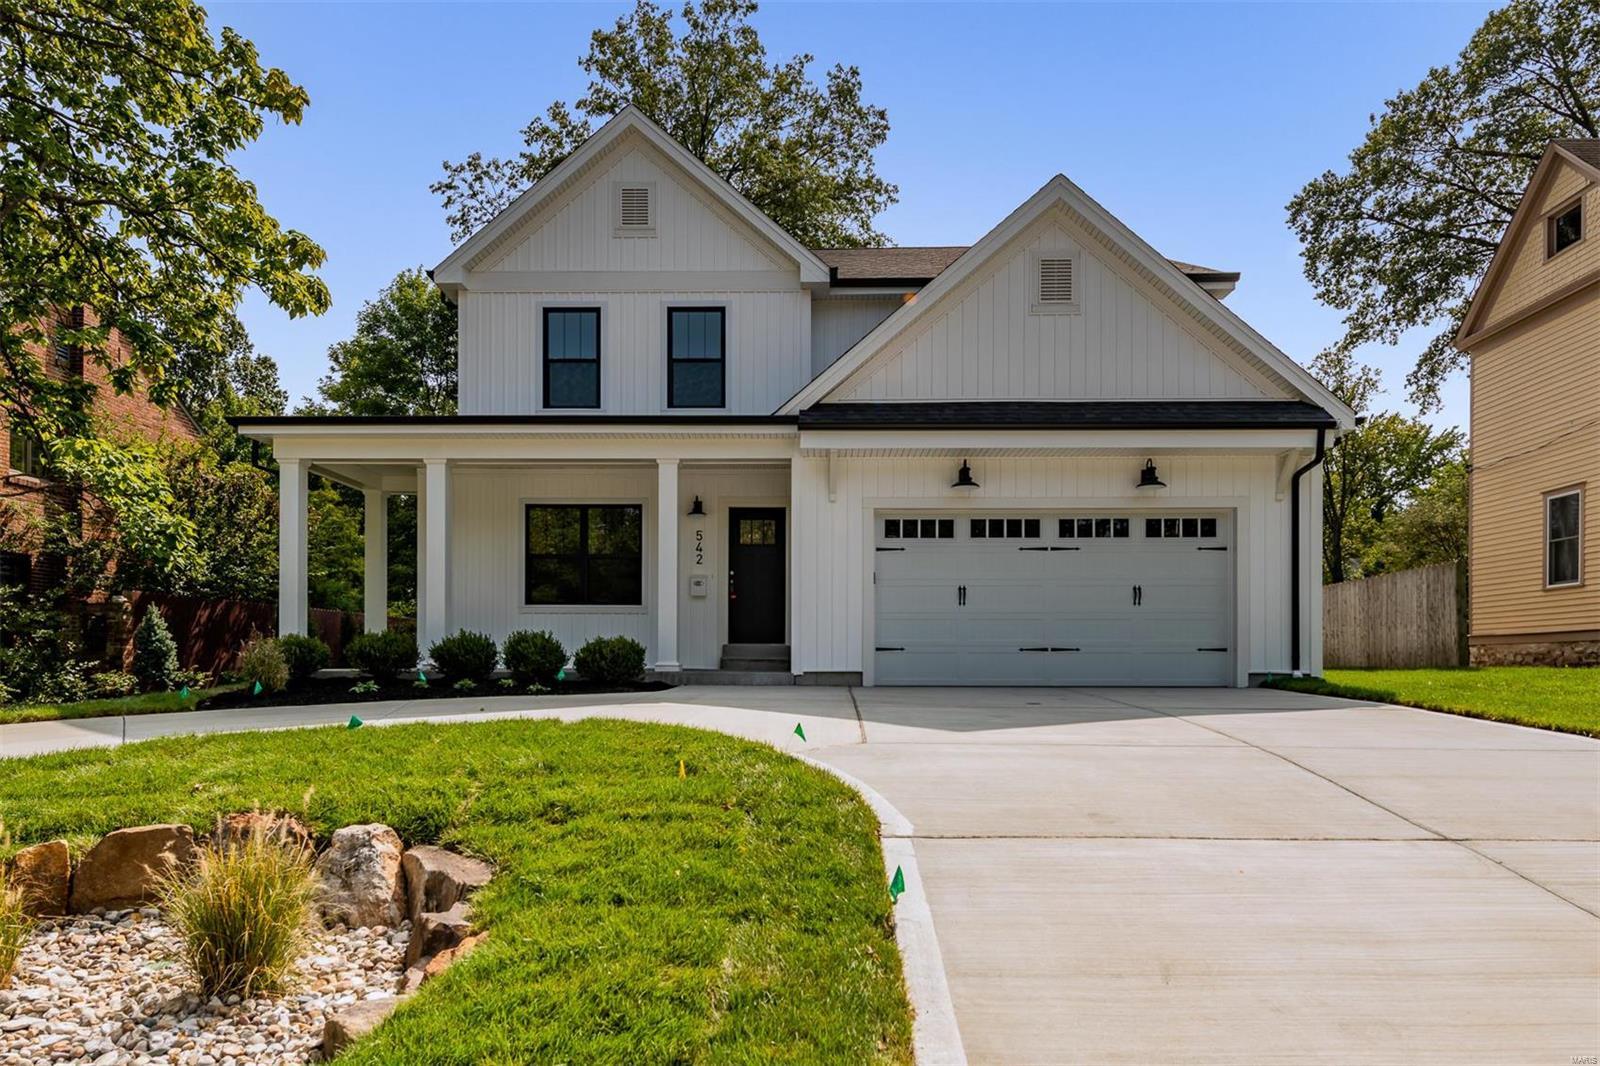 542 E Adams Property Photo